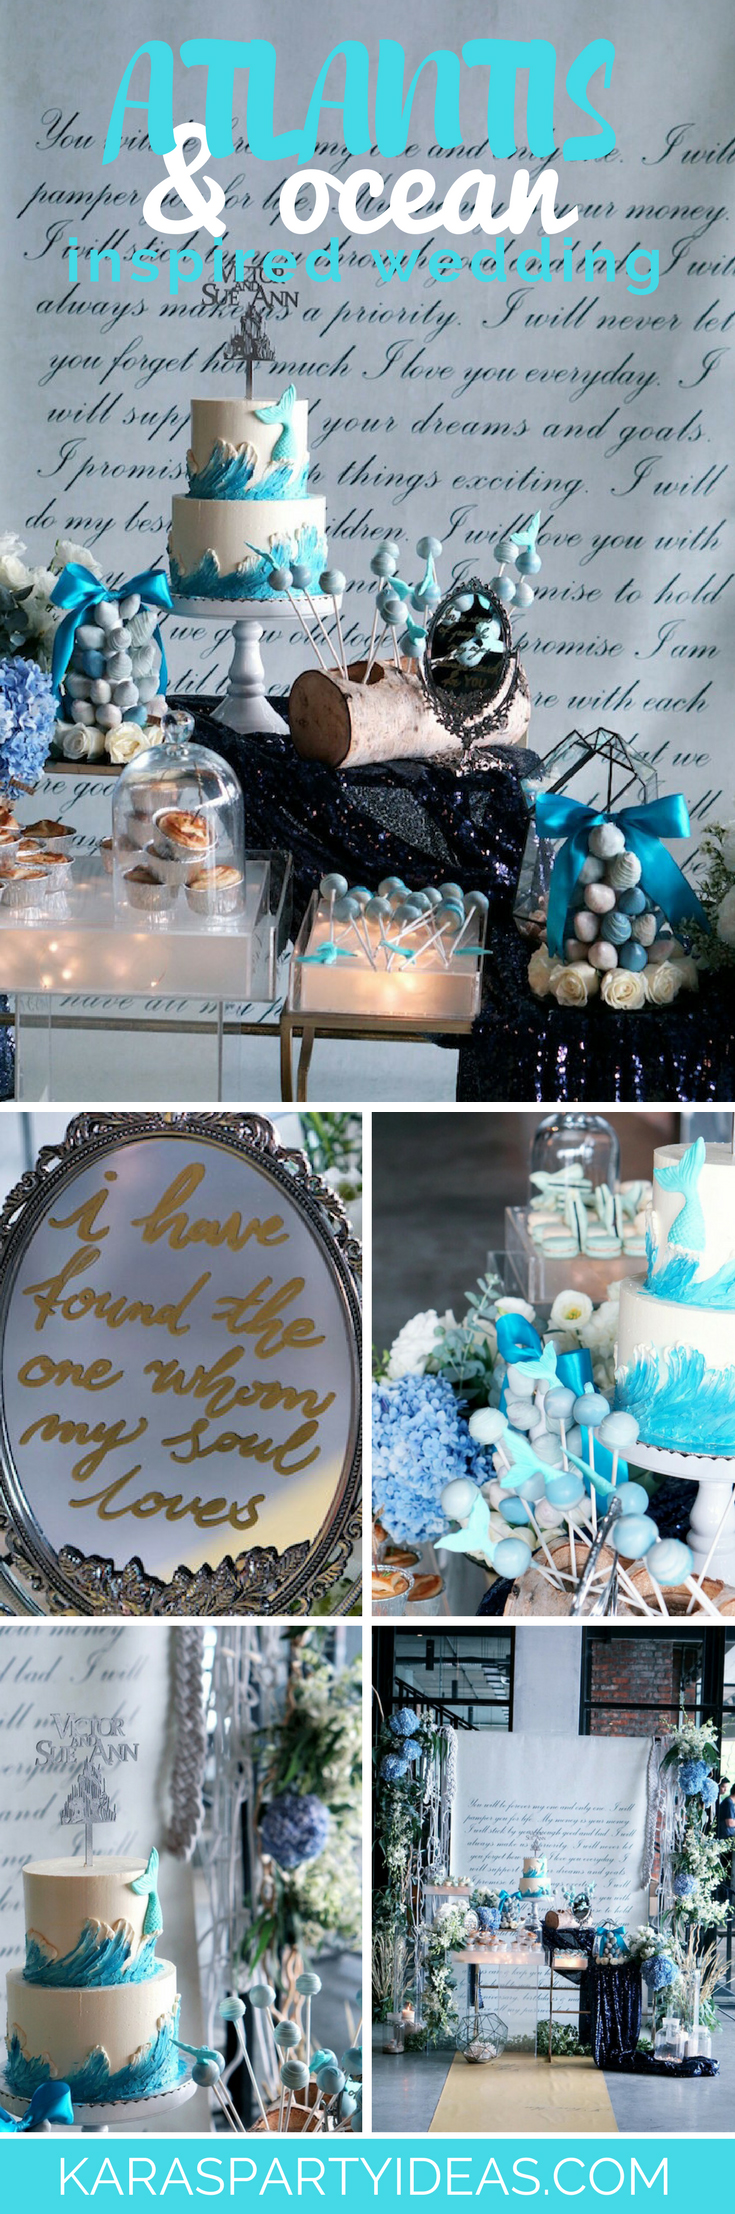 Atlantis and Ocean Inspired Wedding via Kara's Party Ideas - KarasPartyIdeas.com